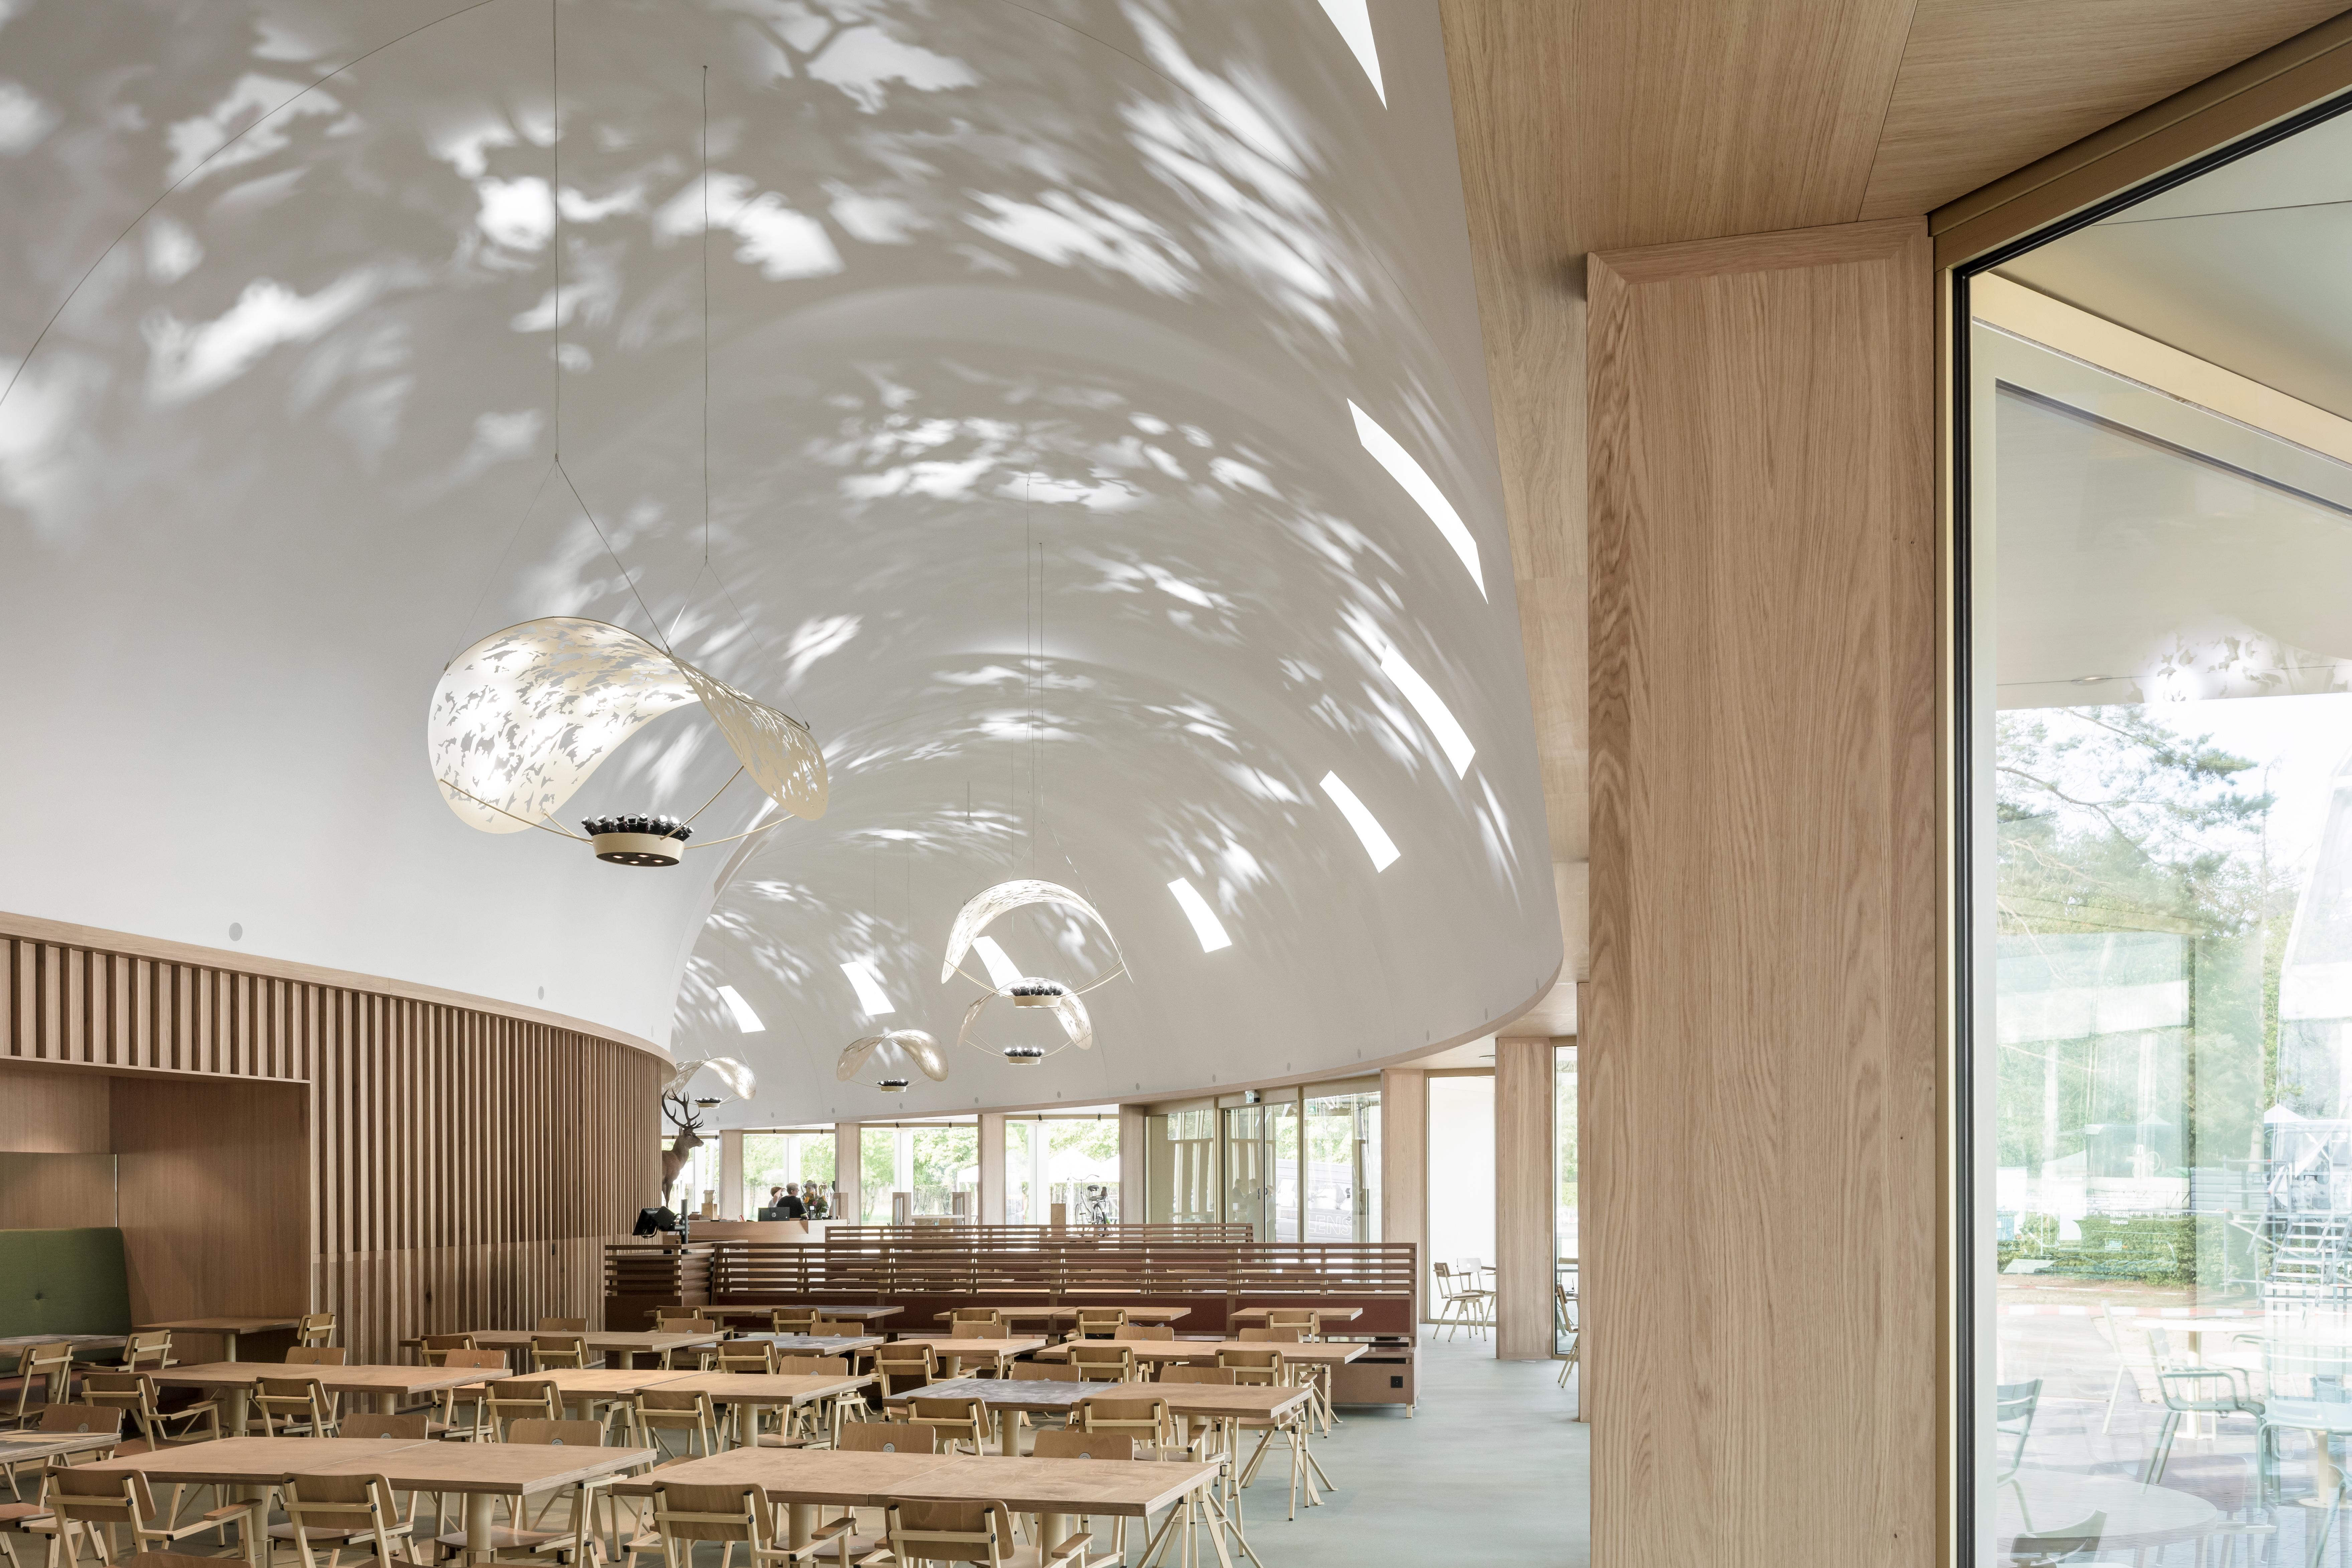 <p>Het restaurant is ondergebracht in een hoge gebogen ruimte onder een hoog wit gepleisterd gebogen dak. Deze ruimte strekt zich uit over de lengte en huisvest ook de balie en de winkel.</p>